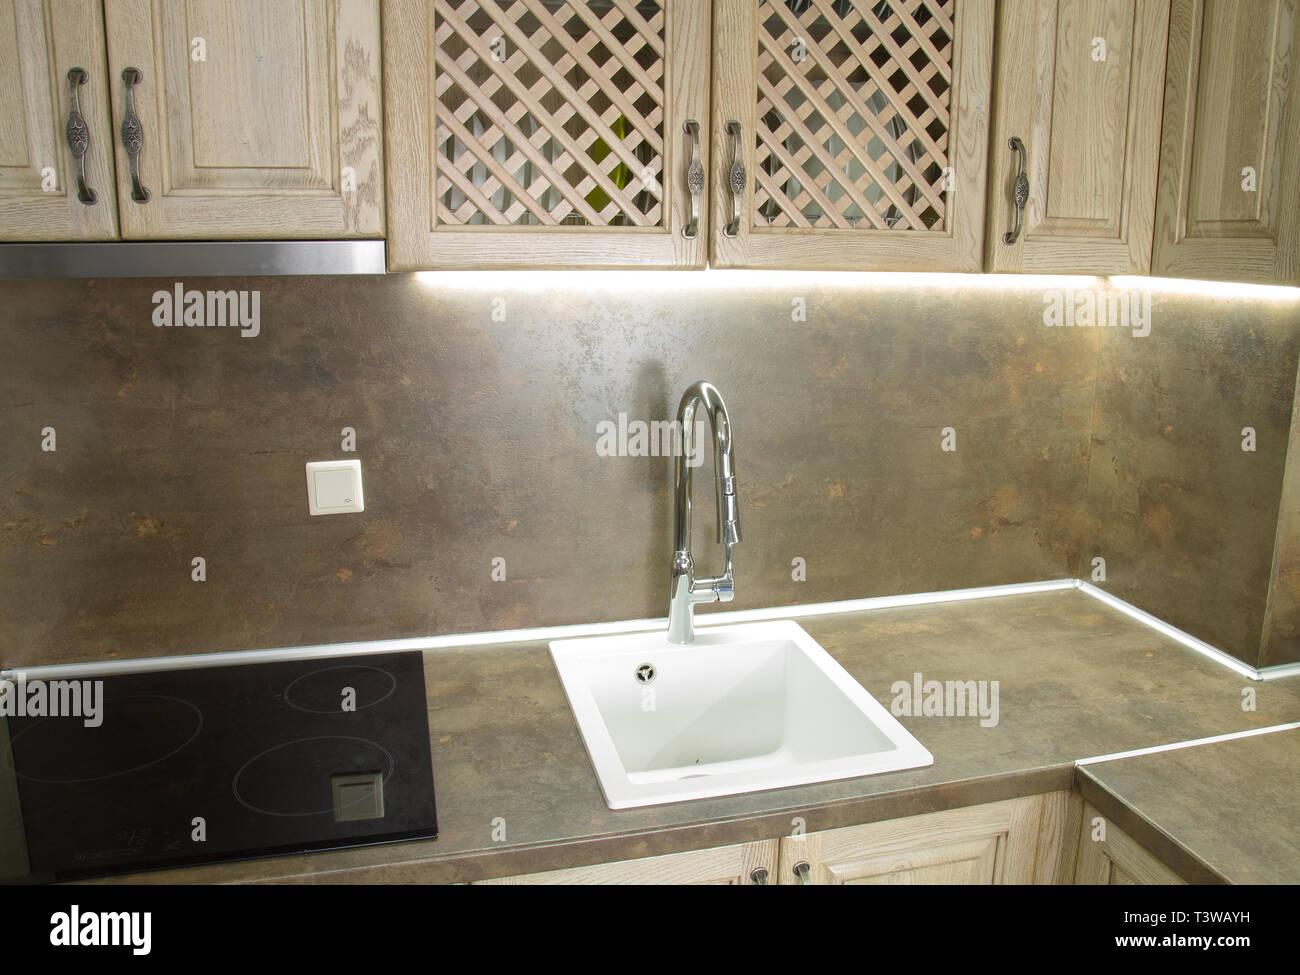 Detalles de estilo vintage muebles de cocina en color marrón beige ...